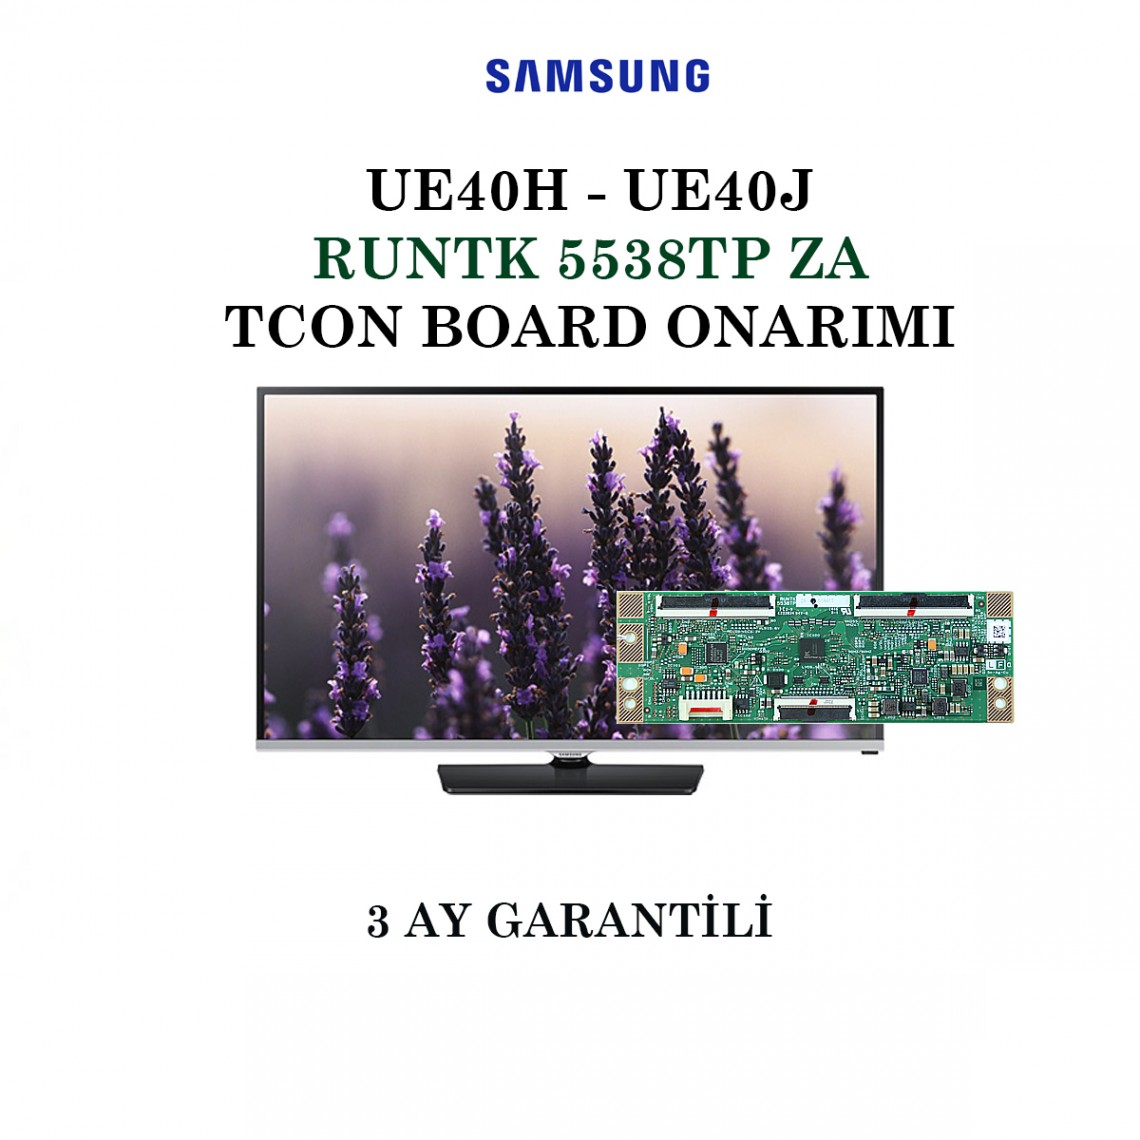 SAMSUNG, RUNTK 5538TP ZA , 4BA04 , UE40H5070 , UE40H5570, UE40J5170A, UE40J5570 , CY-GH040BGSV1H , SHARP , Tcon Board Onarımı